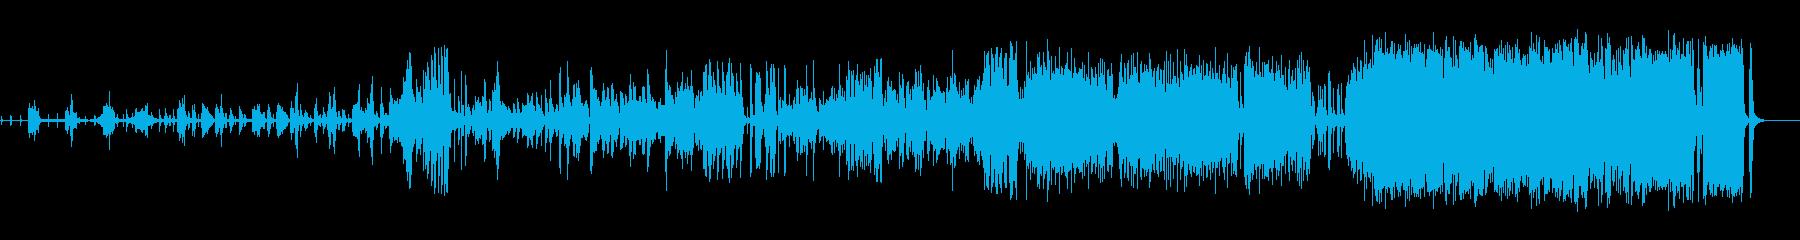 ミュージカルOPのようなフルオーケストラの再生済みの波形